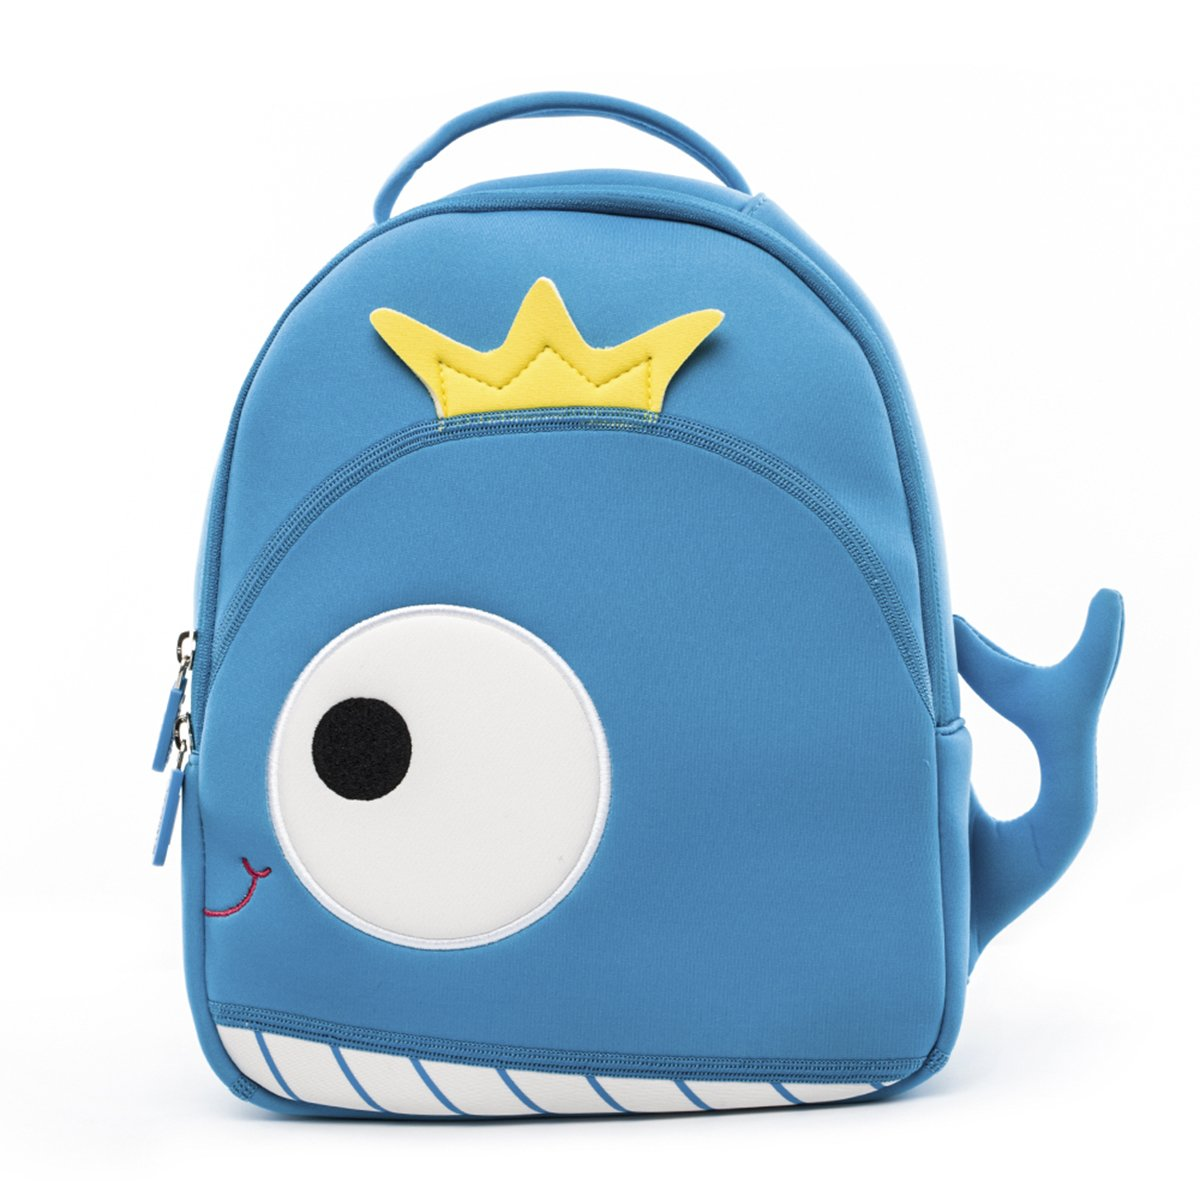 Cocomilo Toddler Frog Backpack Waterproof Preschool Bag Cute Baby Bag with Anti Lost Leash